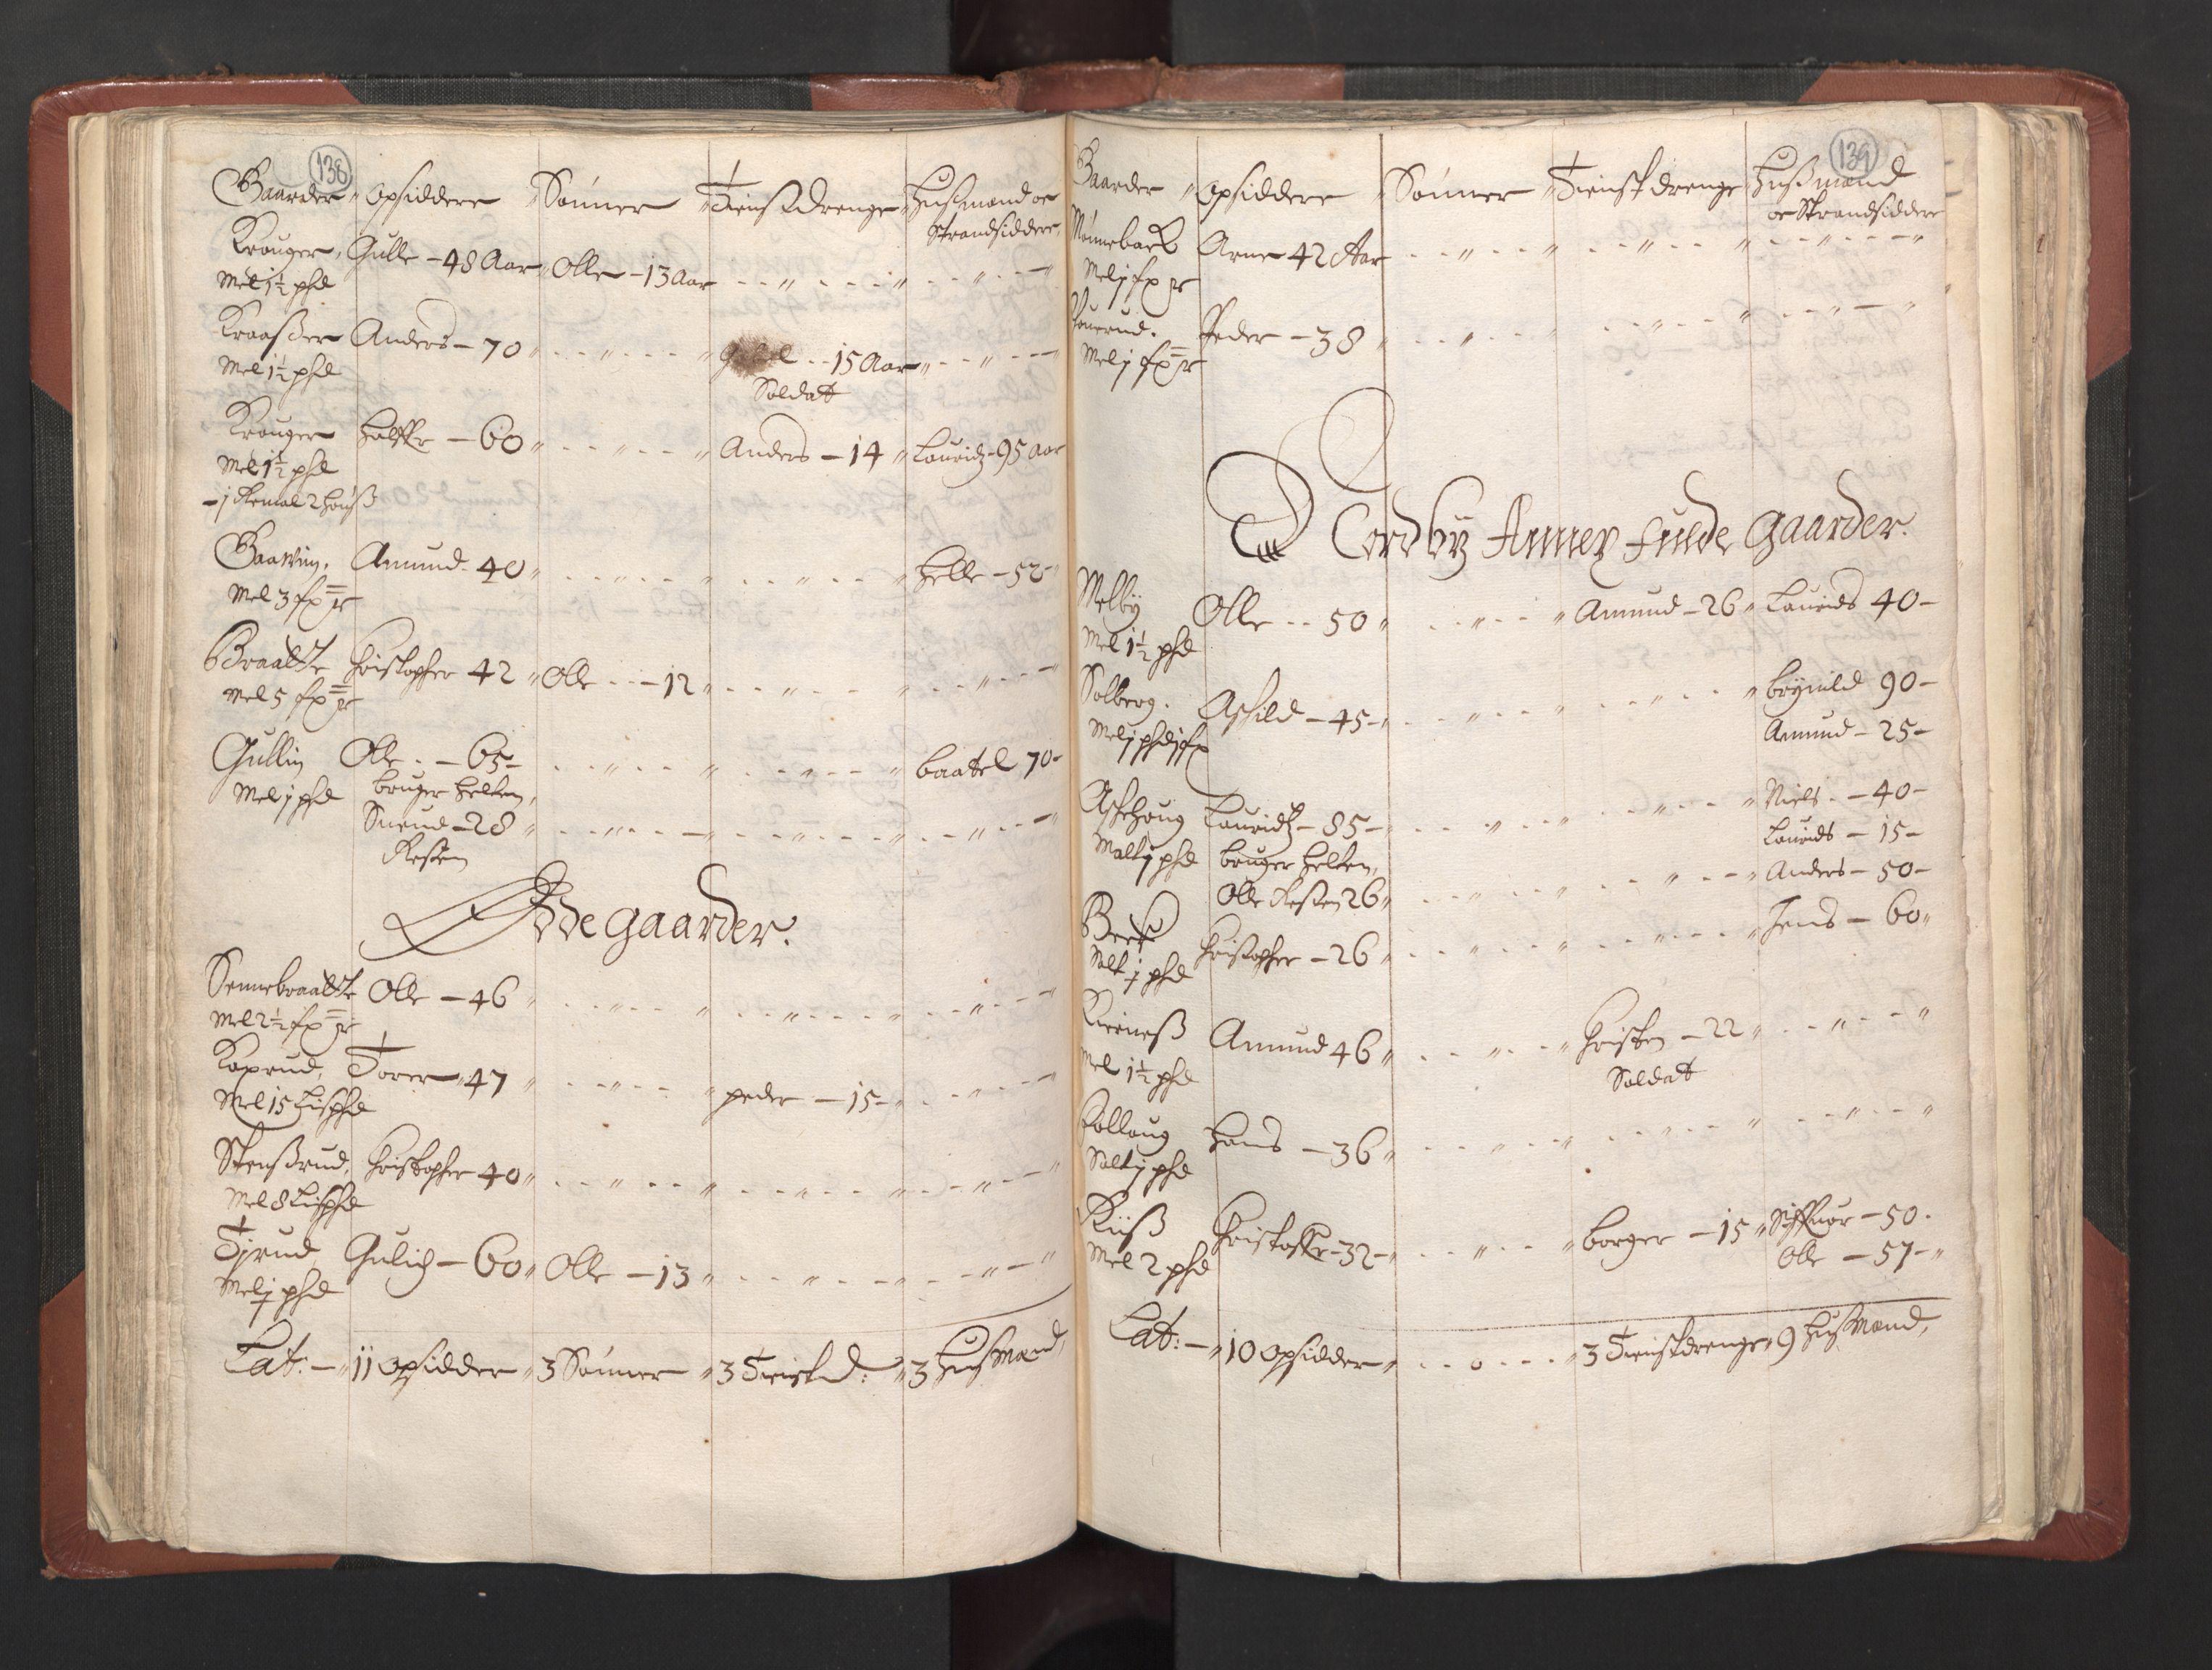 RA, Fogdenes og sorenskrivernes manntall 1664-1666, nr. 2: Aker fogderi, Follo fogderi, Nedre Romerike fogderi og Øvre Romerike fogderi, 1664, s. 138-139